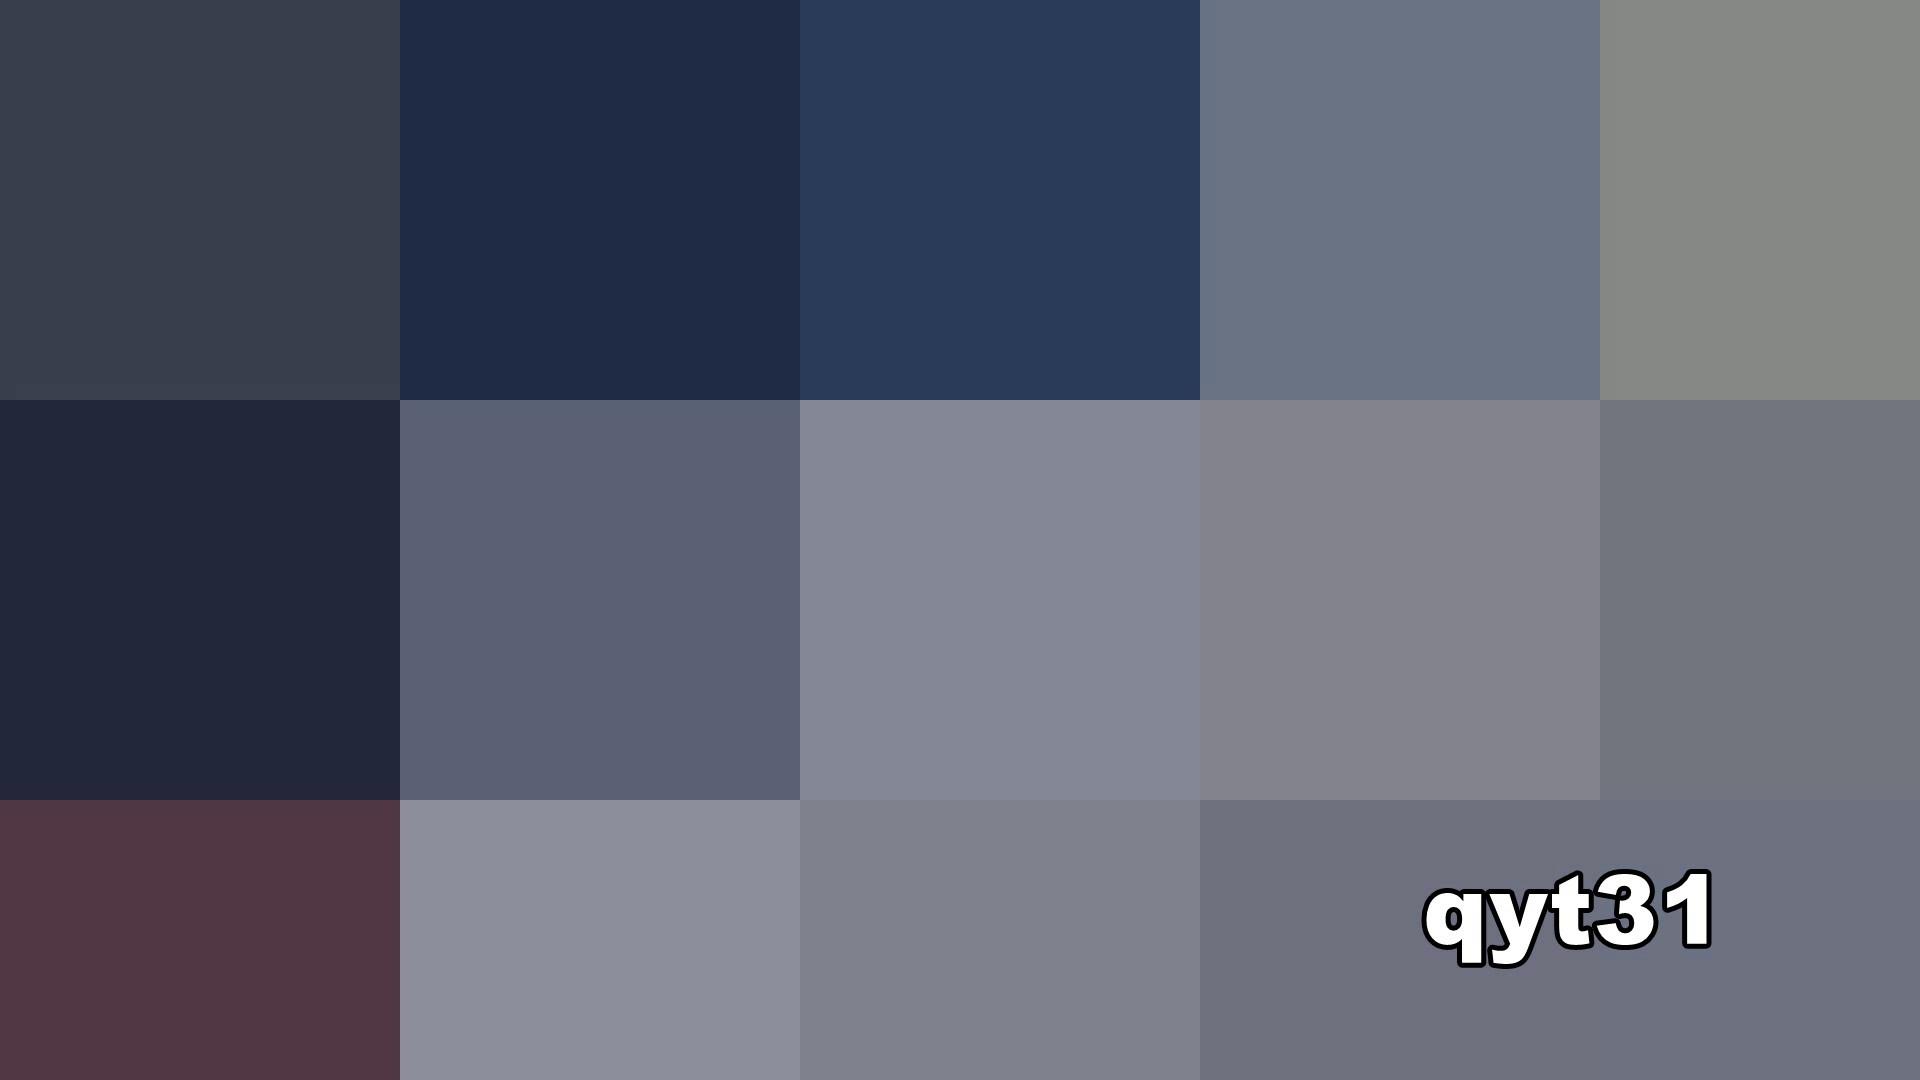 お銀さんの「洗面所突入レポート!!」 vol.31 Σ(||゚Д゚)ヒィ~!! 色っぽいOL達 | 洗面所  98pic 16